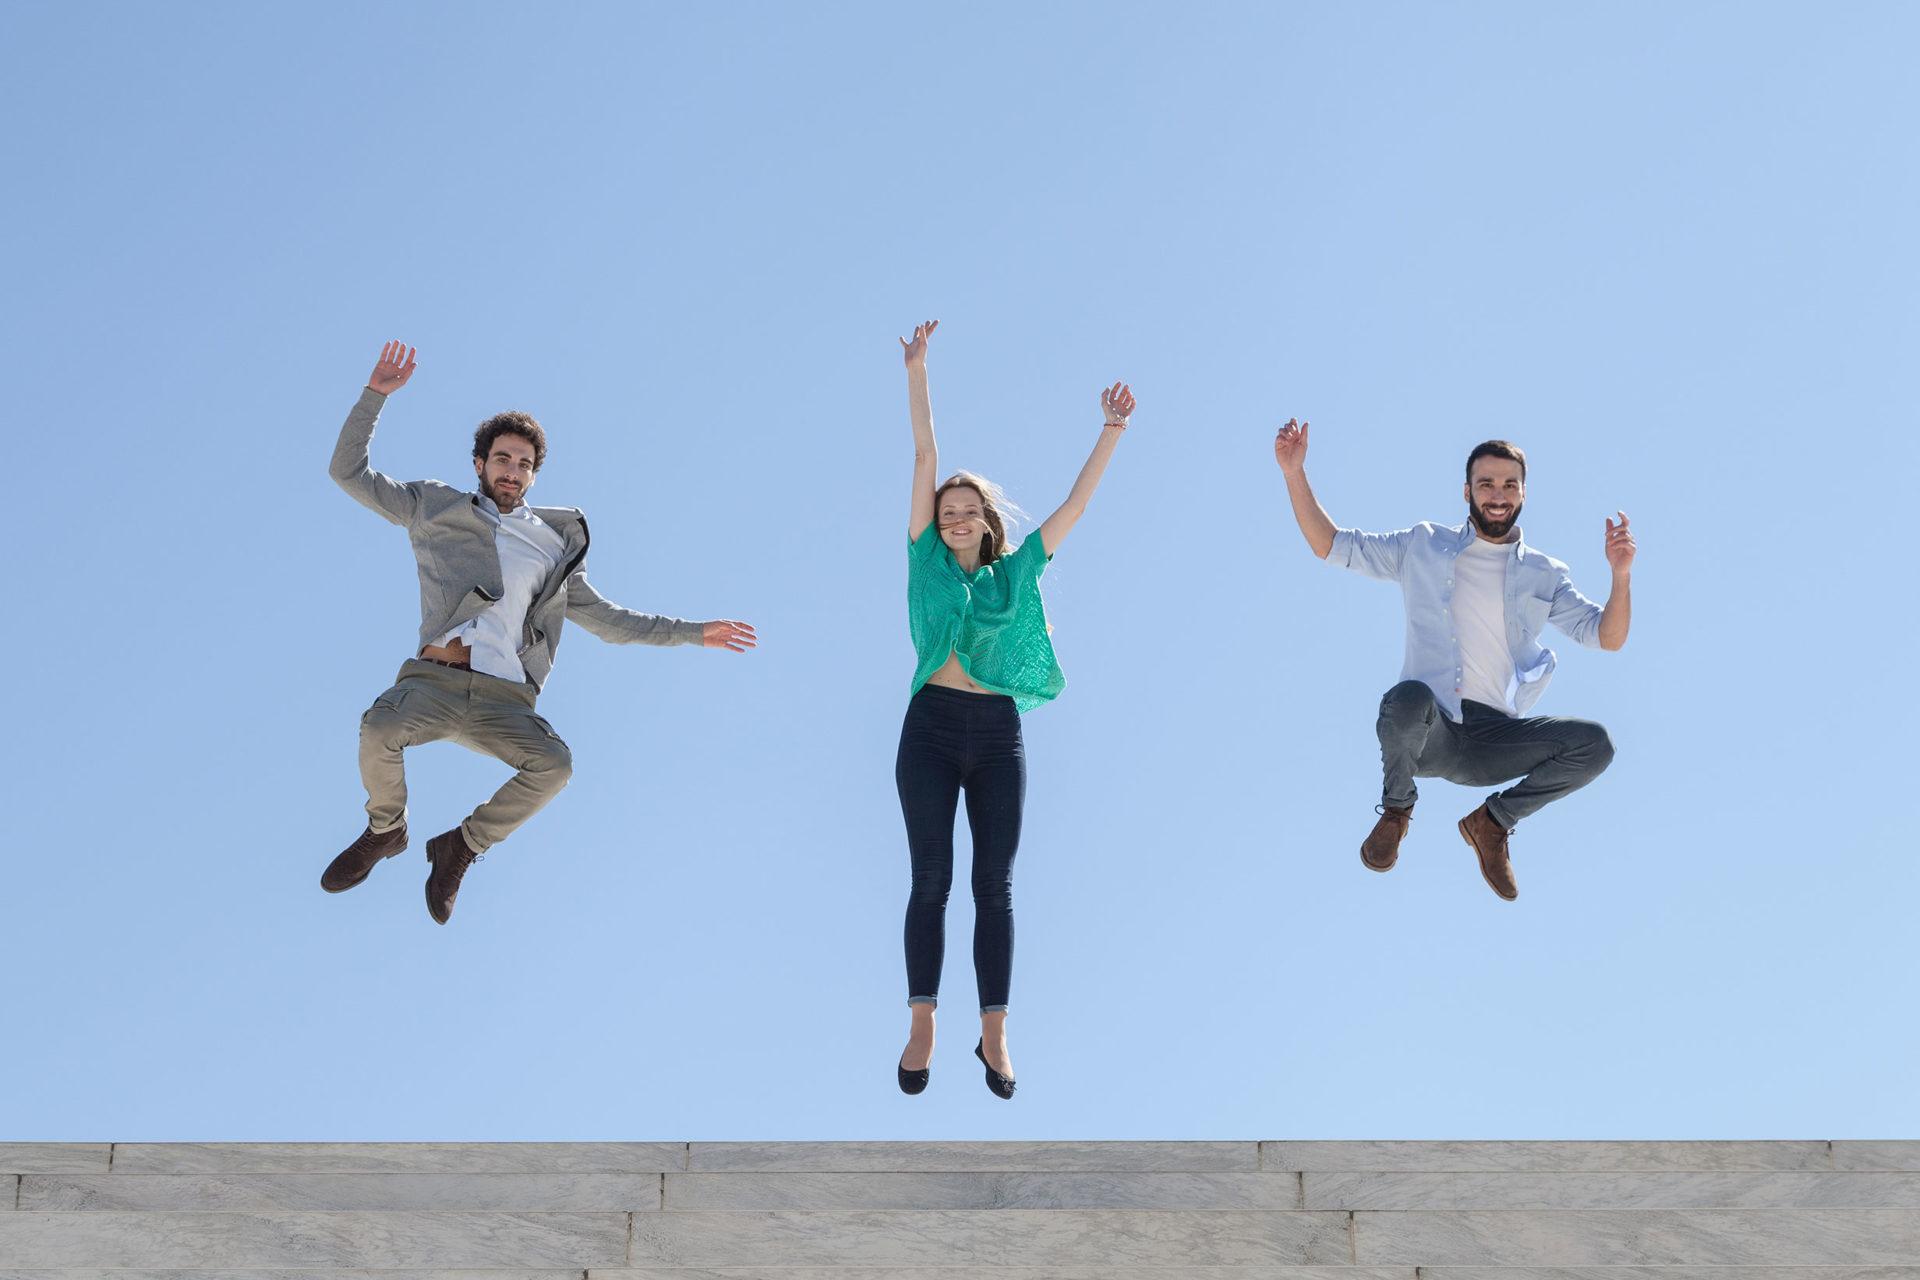 Spaß am Lernen und Erfolg wird durch springende Menschen, die Lebensfreude versprühen, dargestellt.